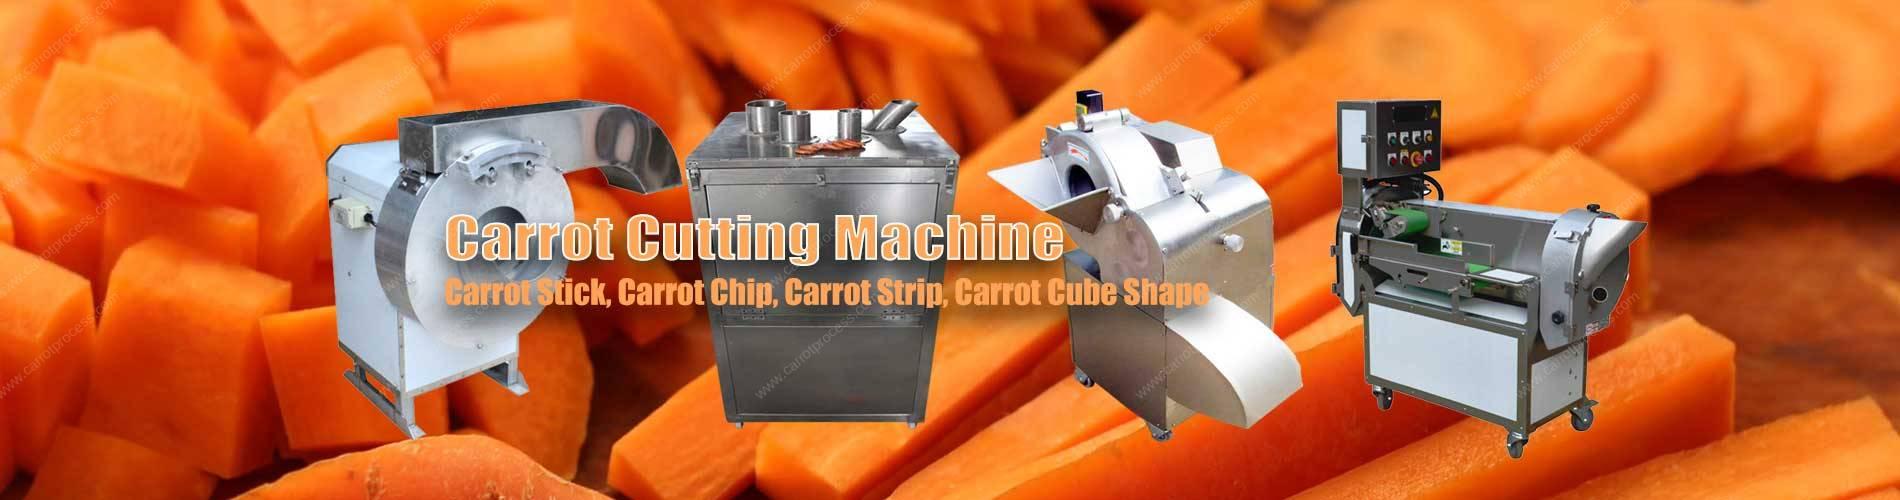 carrot-cutting-machine